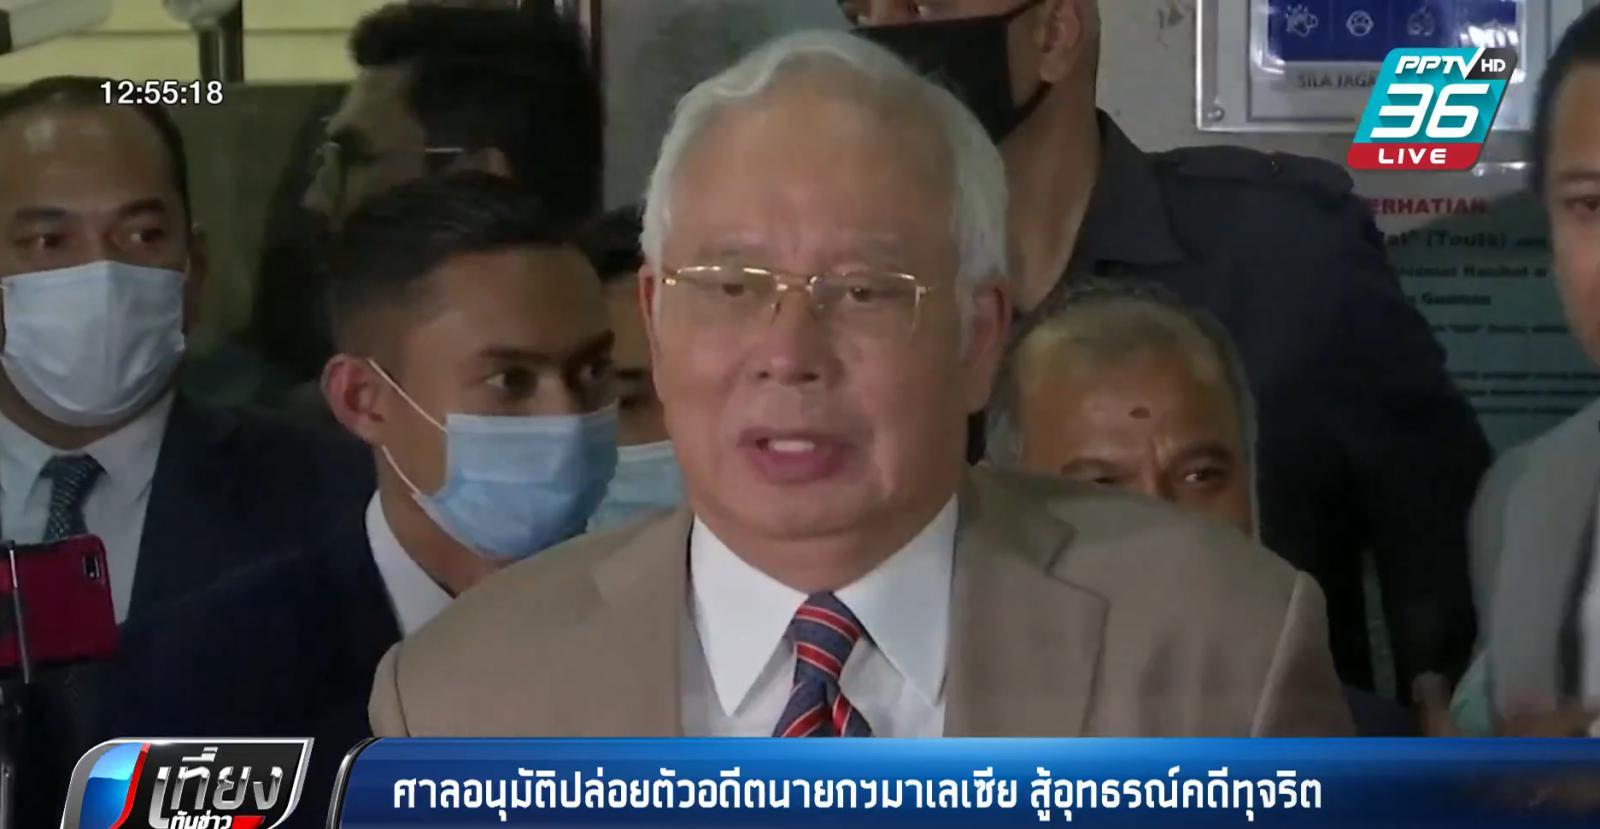 ศาลอนุมัติปล่อยตัว อดีตนายกฯมาเลเซีย สู้อุทธรณ์คดีทุจริต1MDB